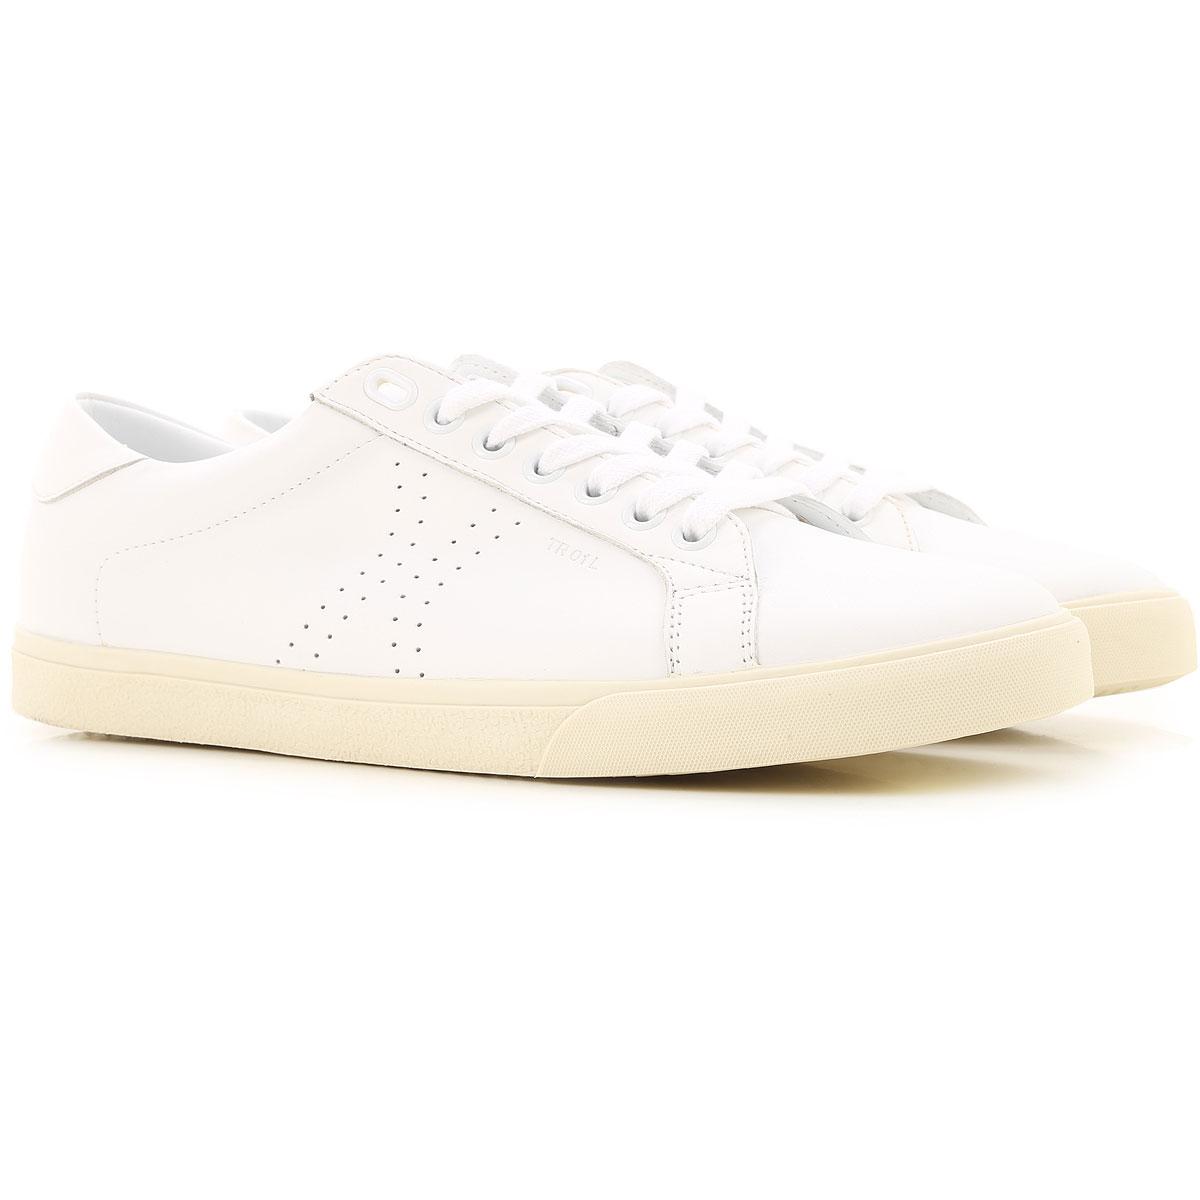 Celine Sneaker Homme, Blanc, Cuir, 2019, 39 42